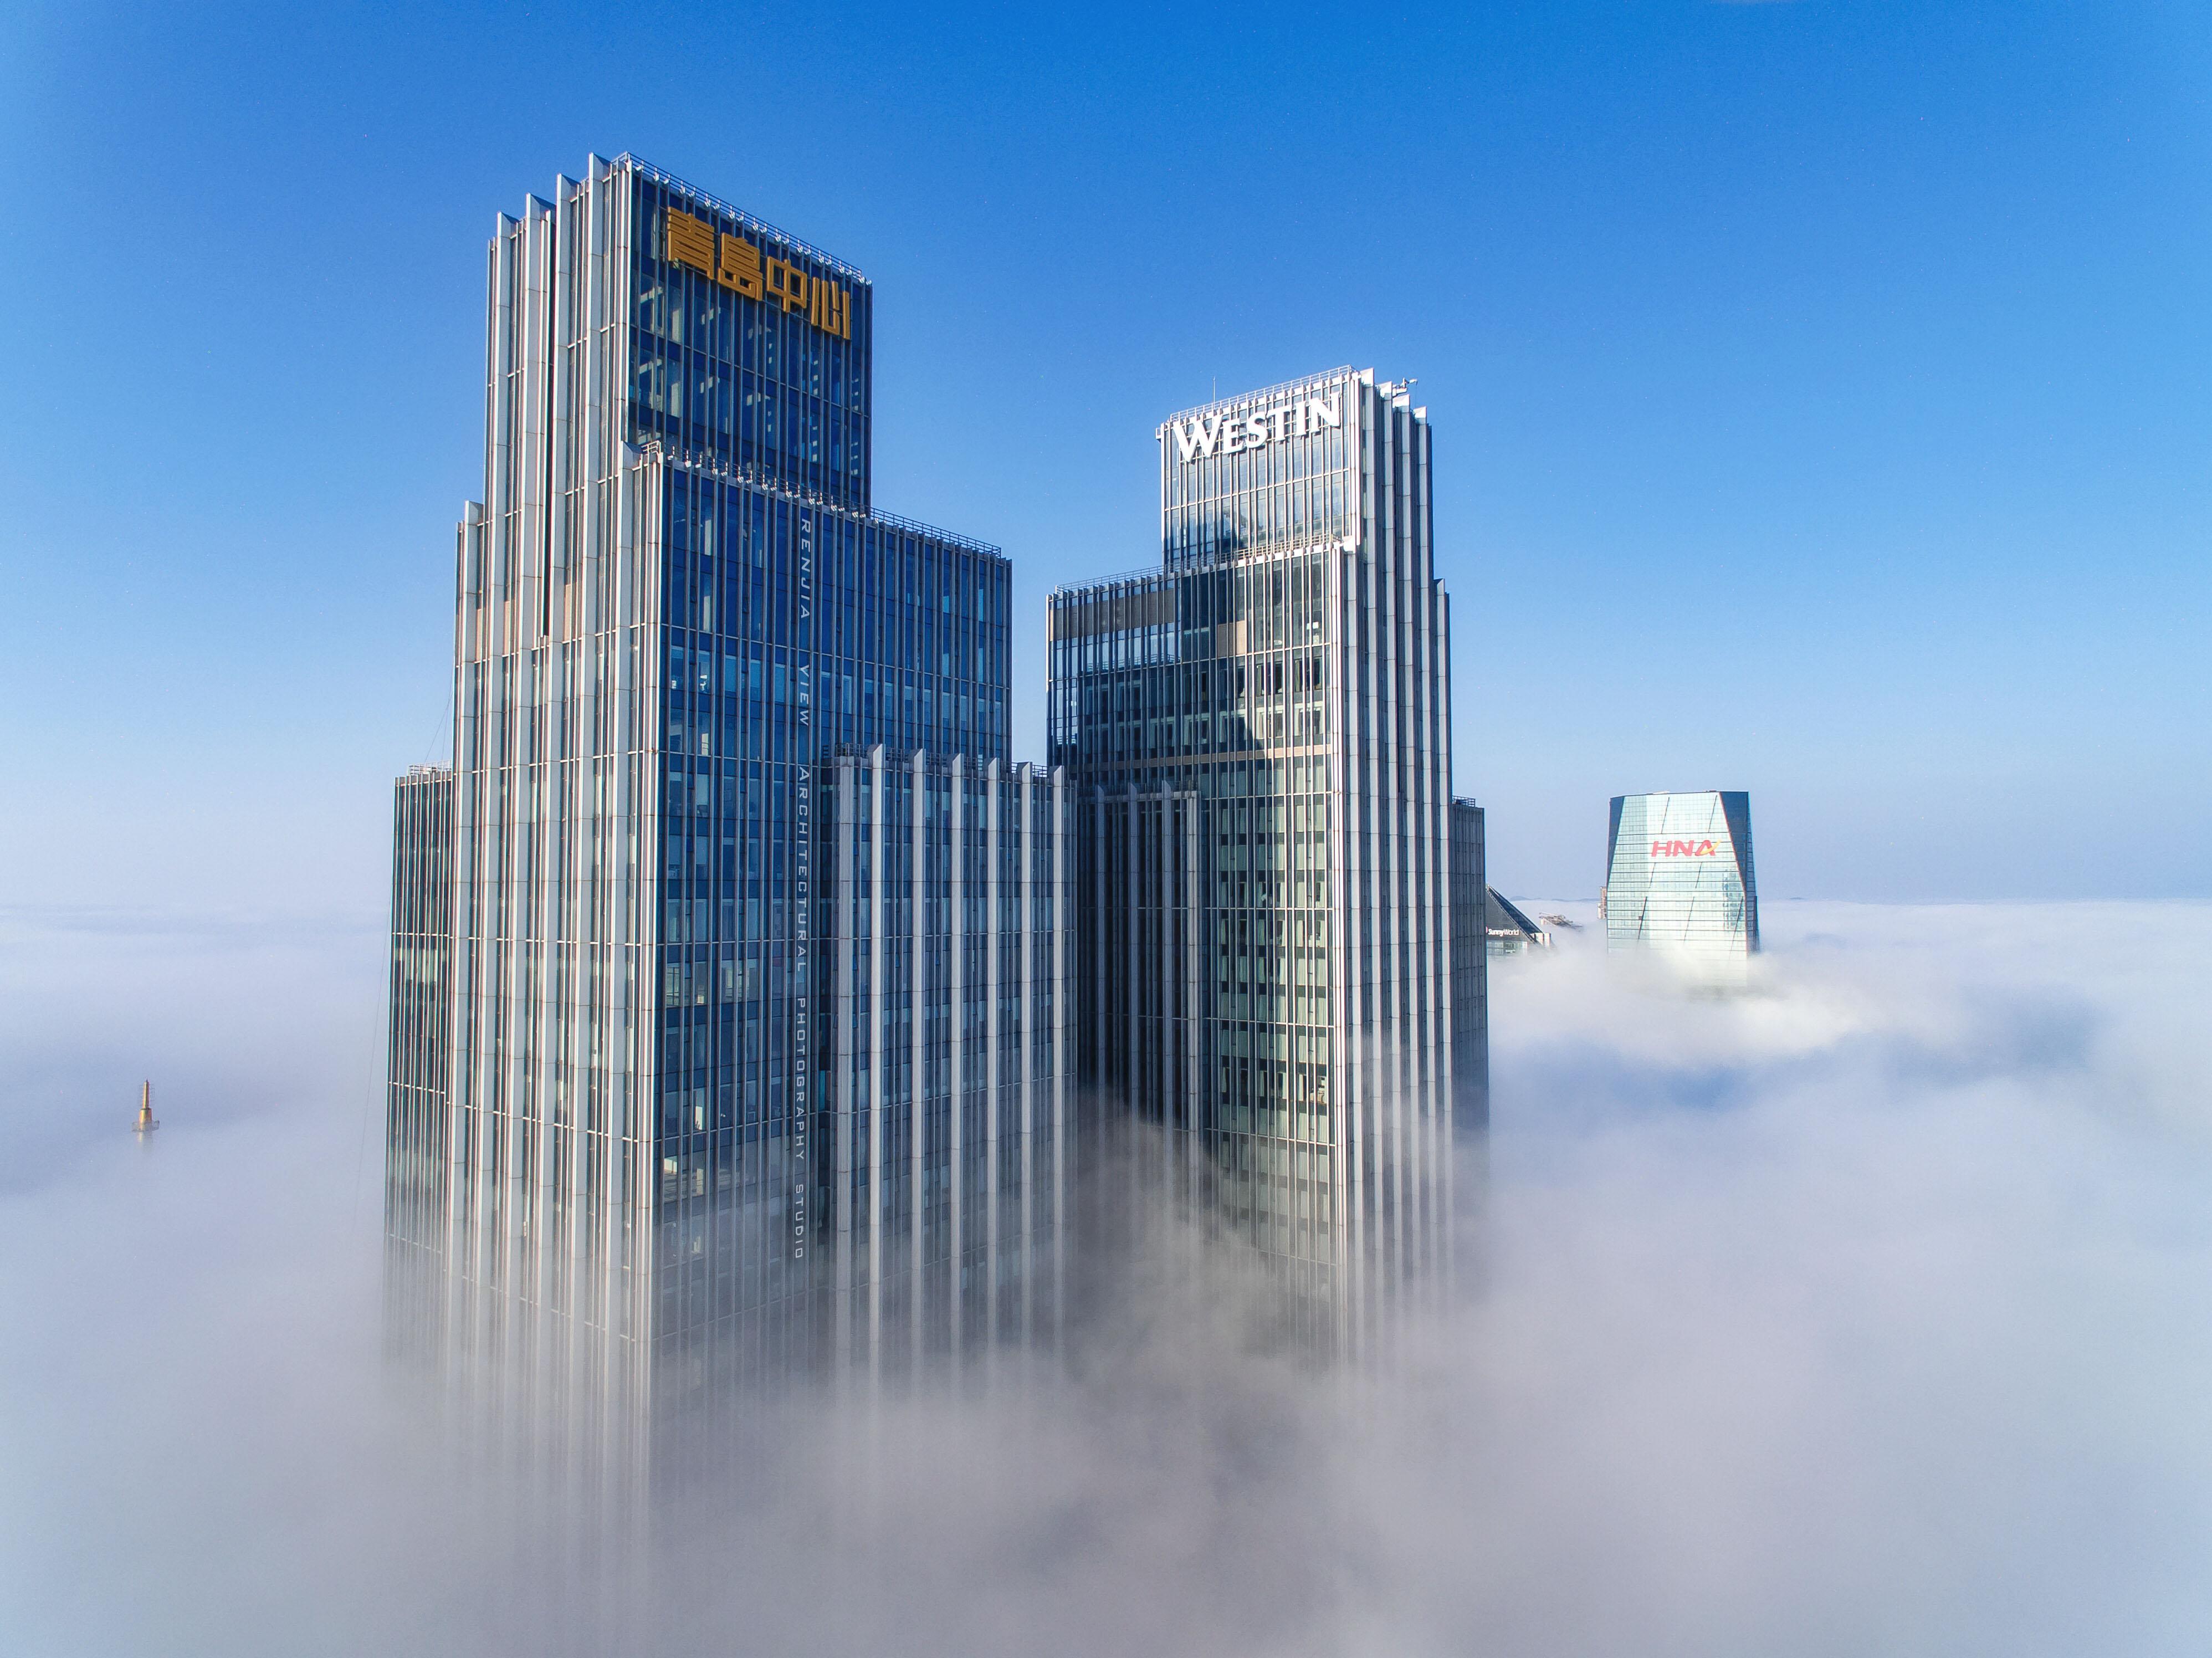 拍摄者:想飞的菜鸡 题目:平流雾 拍摄地点:青岛中心 内容:云里雾里的